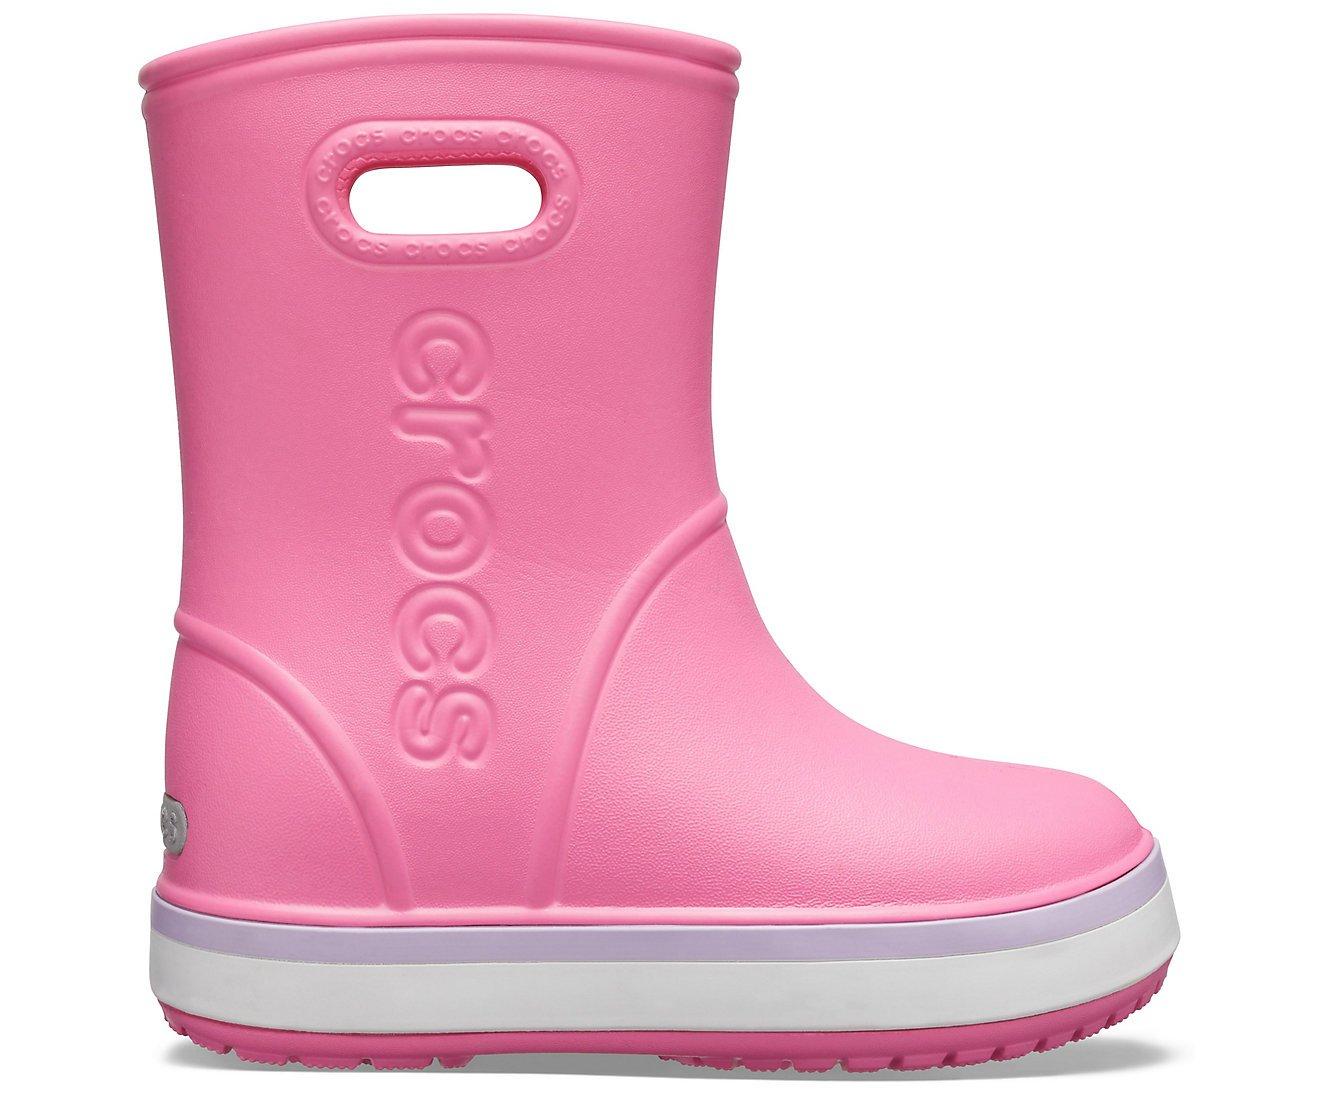 Crocs Crocband Rain Boot 28-29 EUR